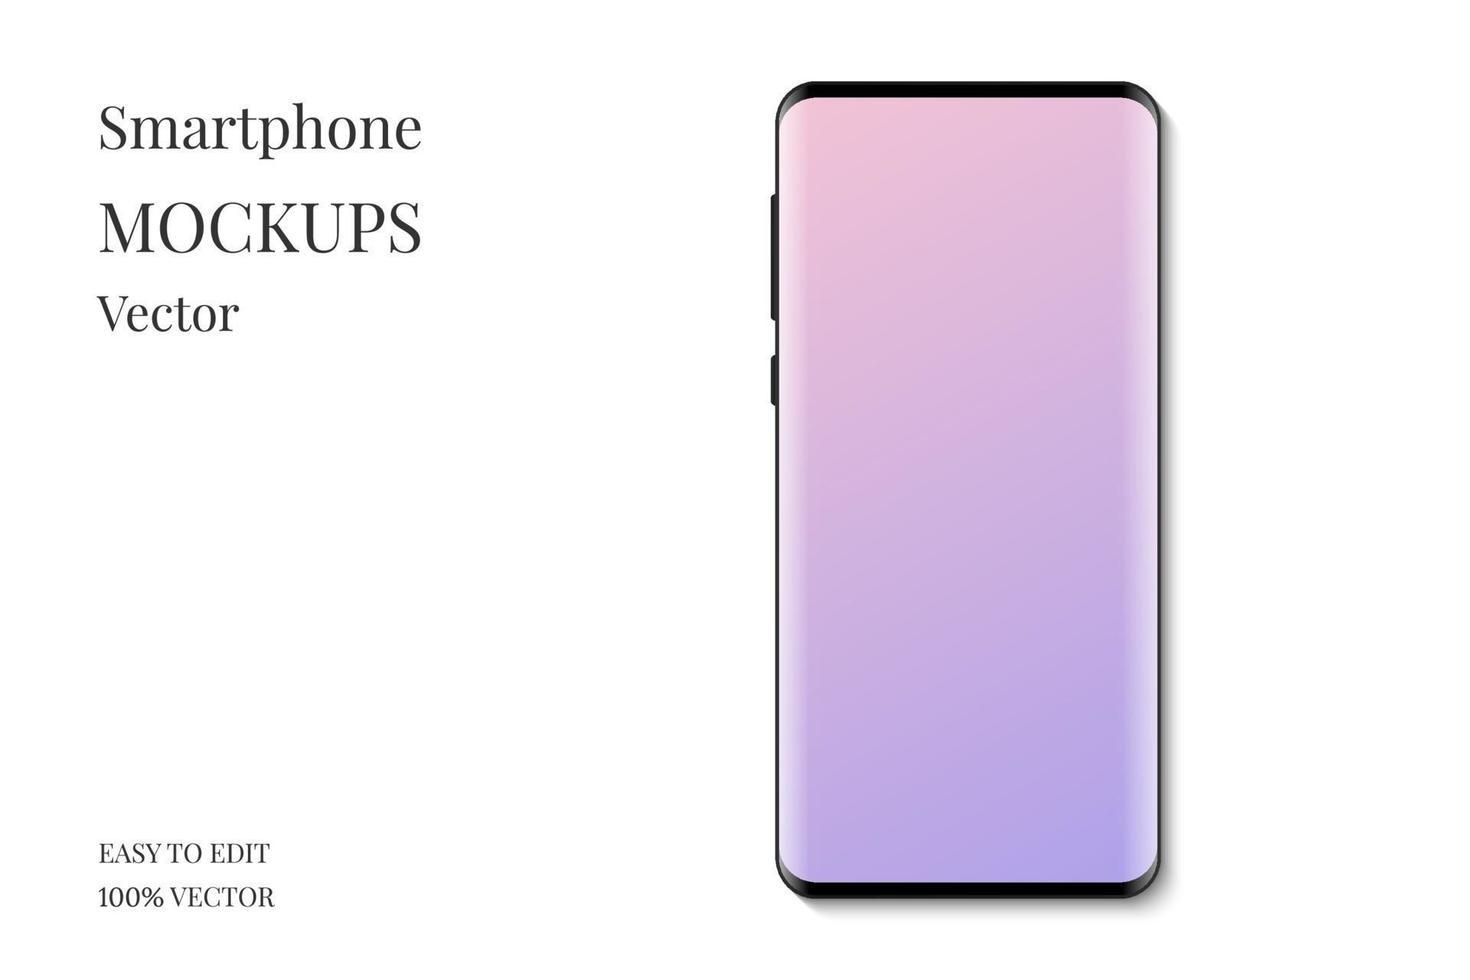 Smartphone-Anzeige Modell Vektor. Smartphone mit leerem Bildschirm. modernes Smartphone lokalisiert auf weißem Hintergrund. vektor